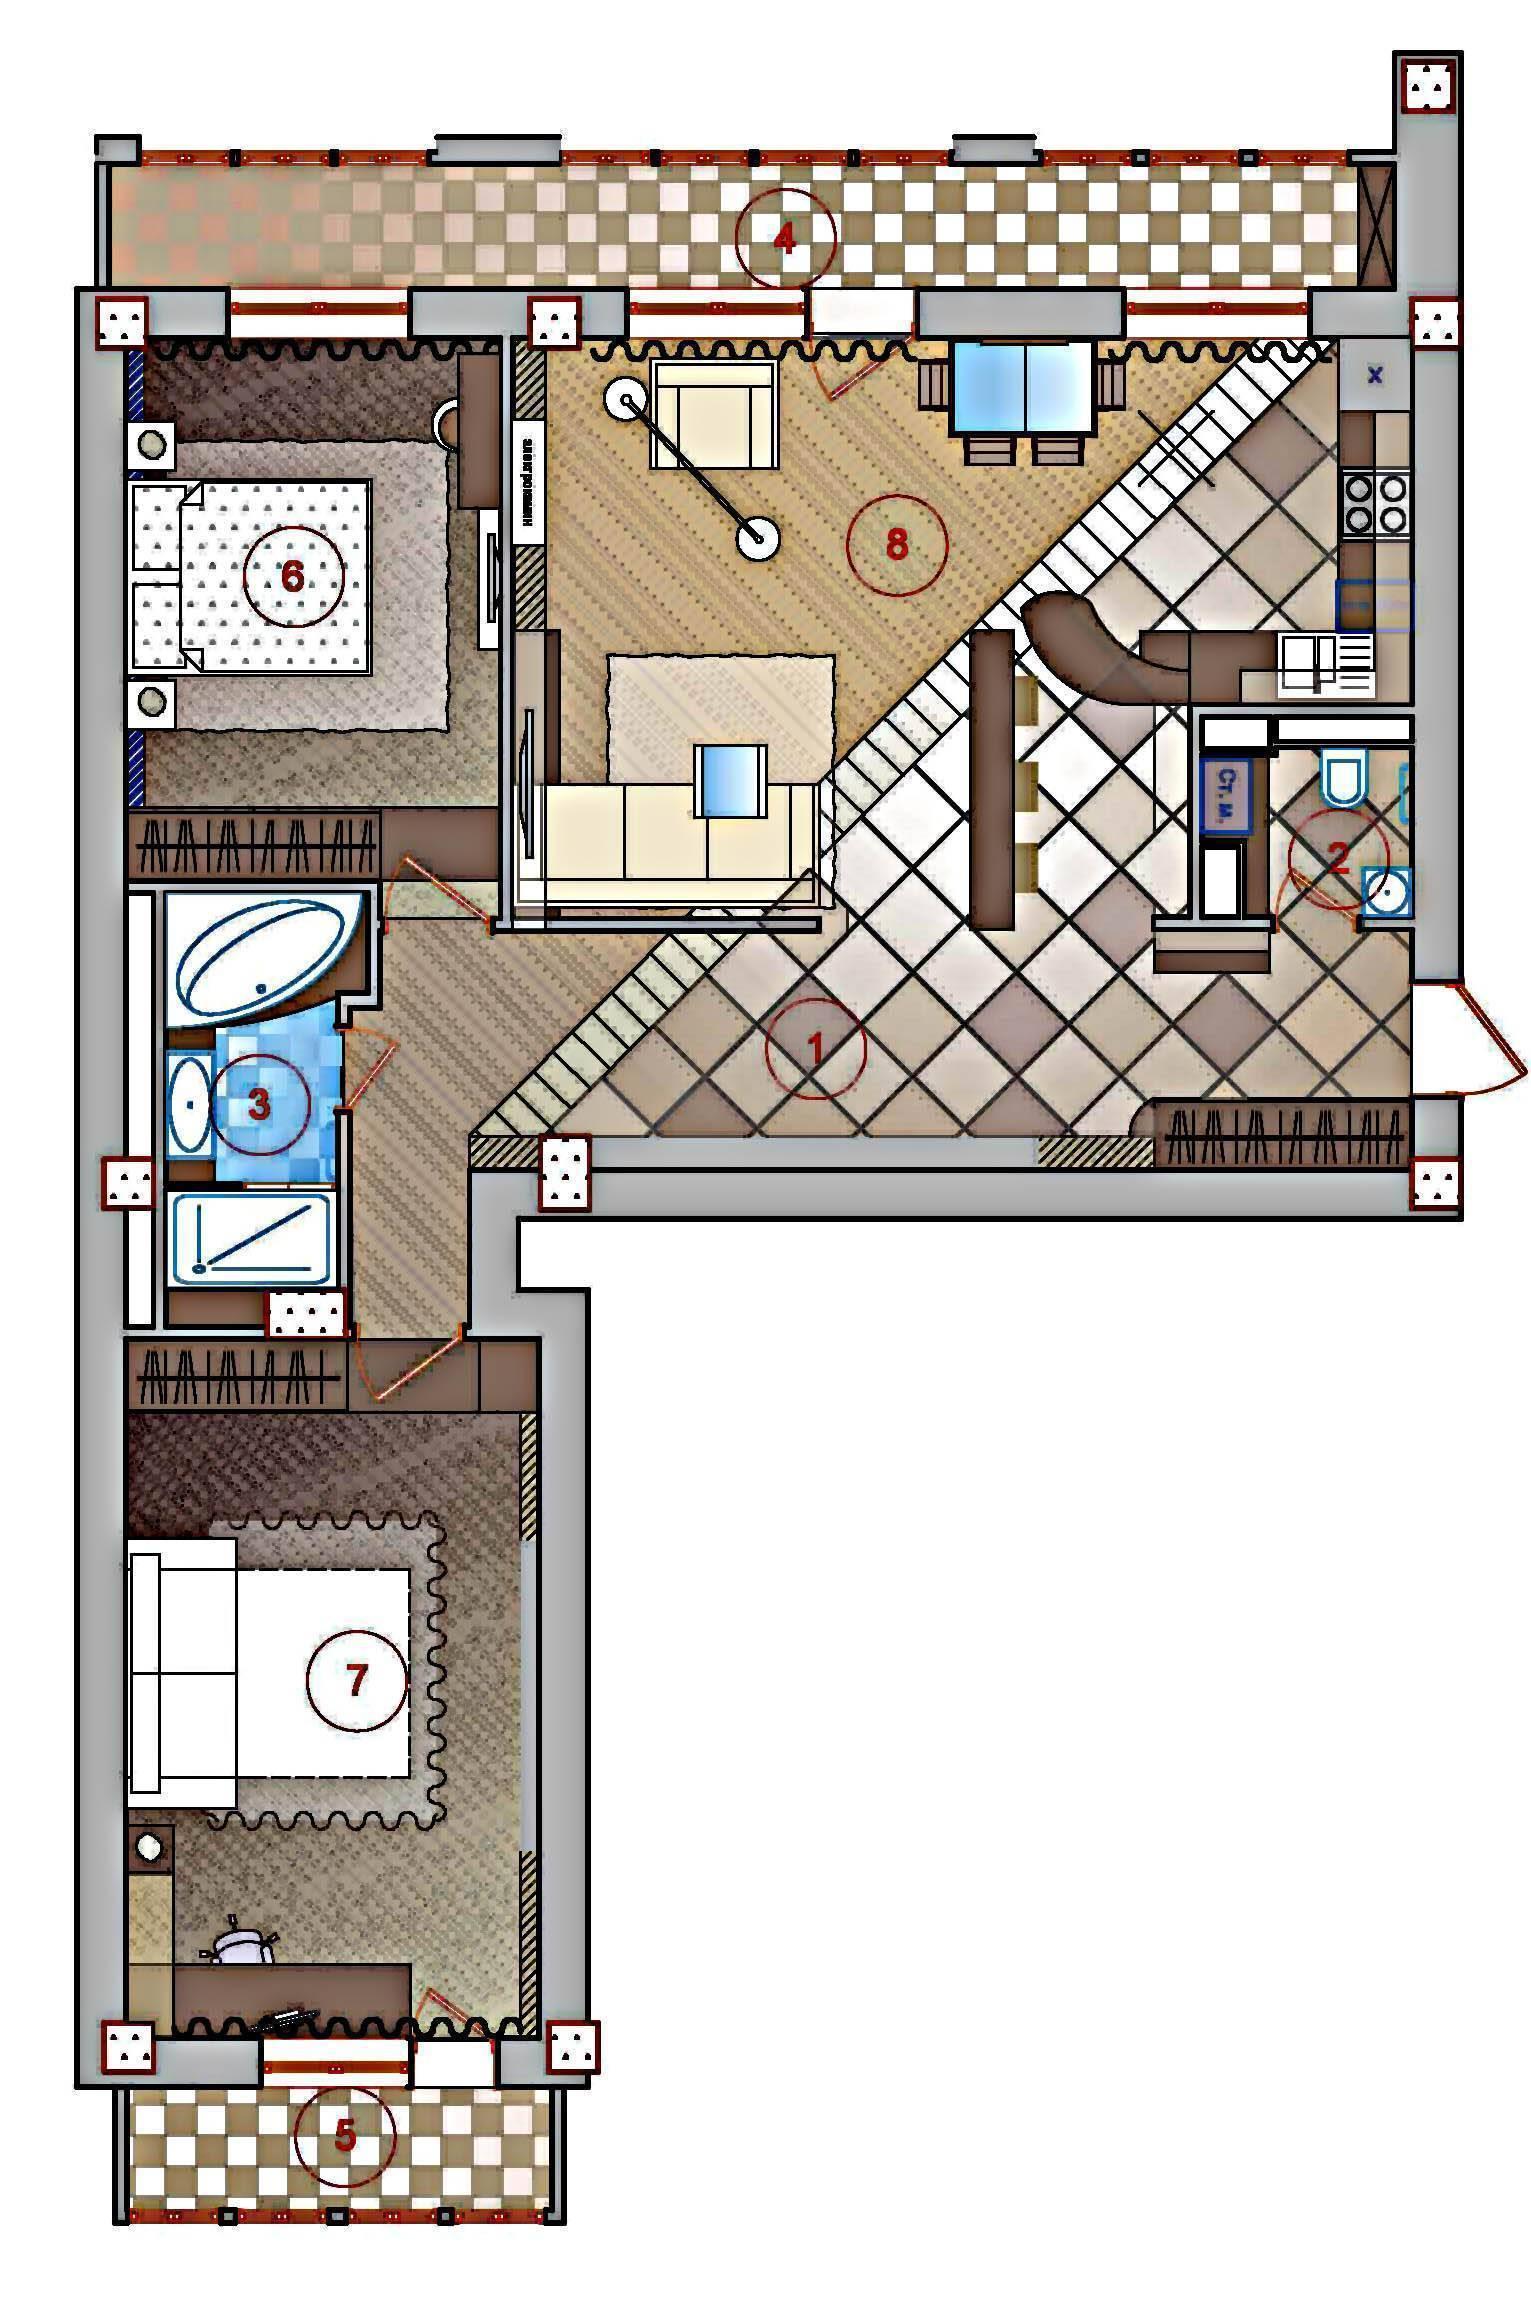 Перепланировка двухкомнатной квартиры в трехкомнатную и не только, примеры и проекты для хрущевки и других, идеи с примерами и фото